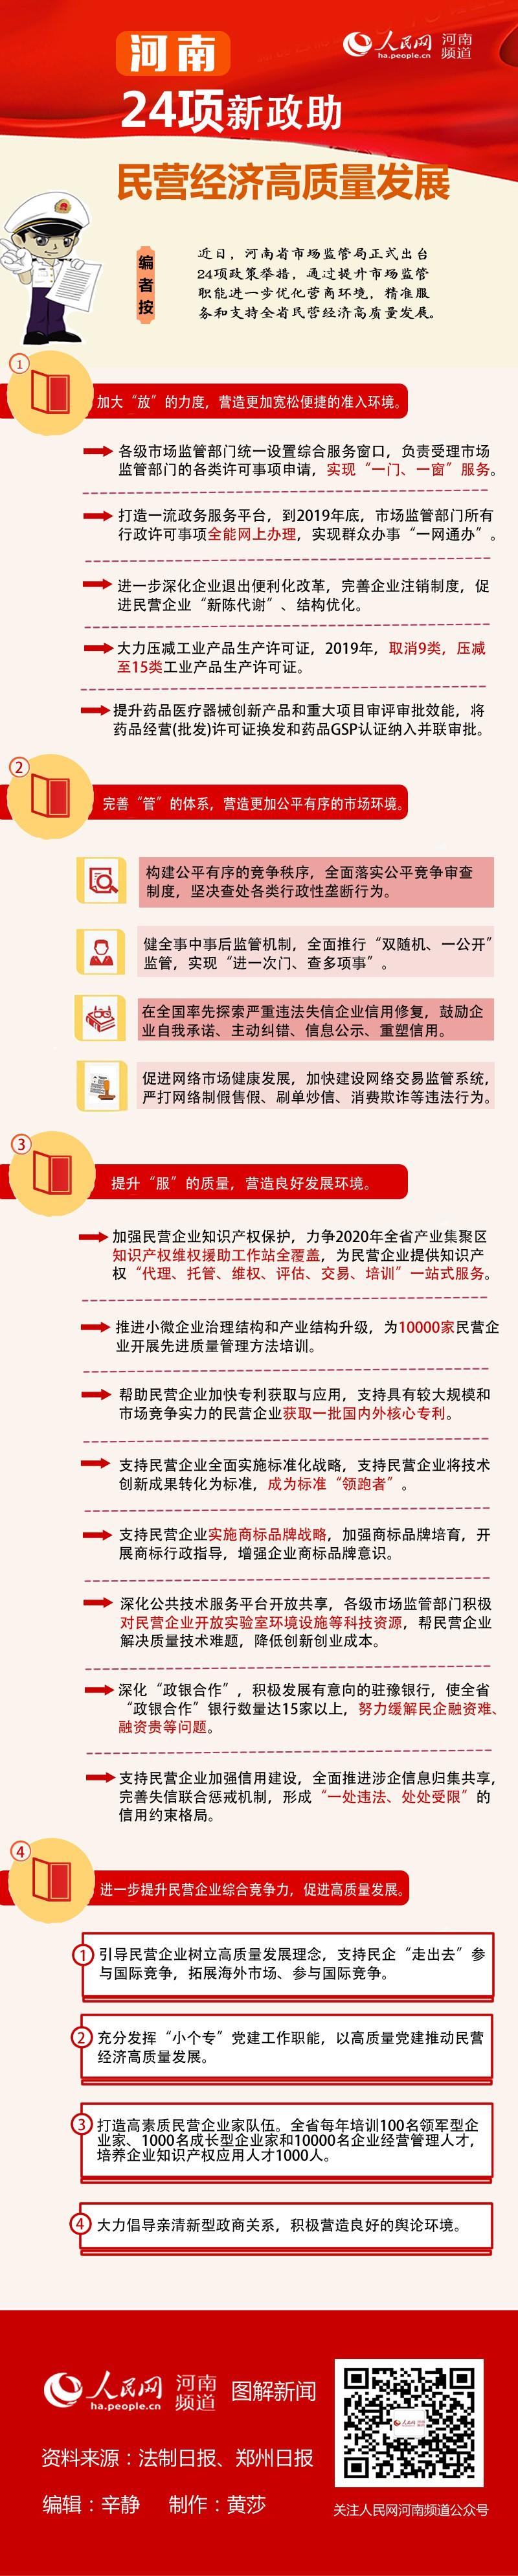 精准服务!河南24项新政助民营经济高质量发展